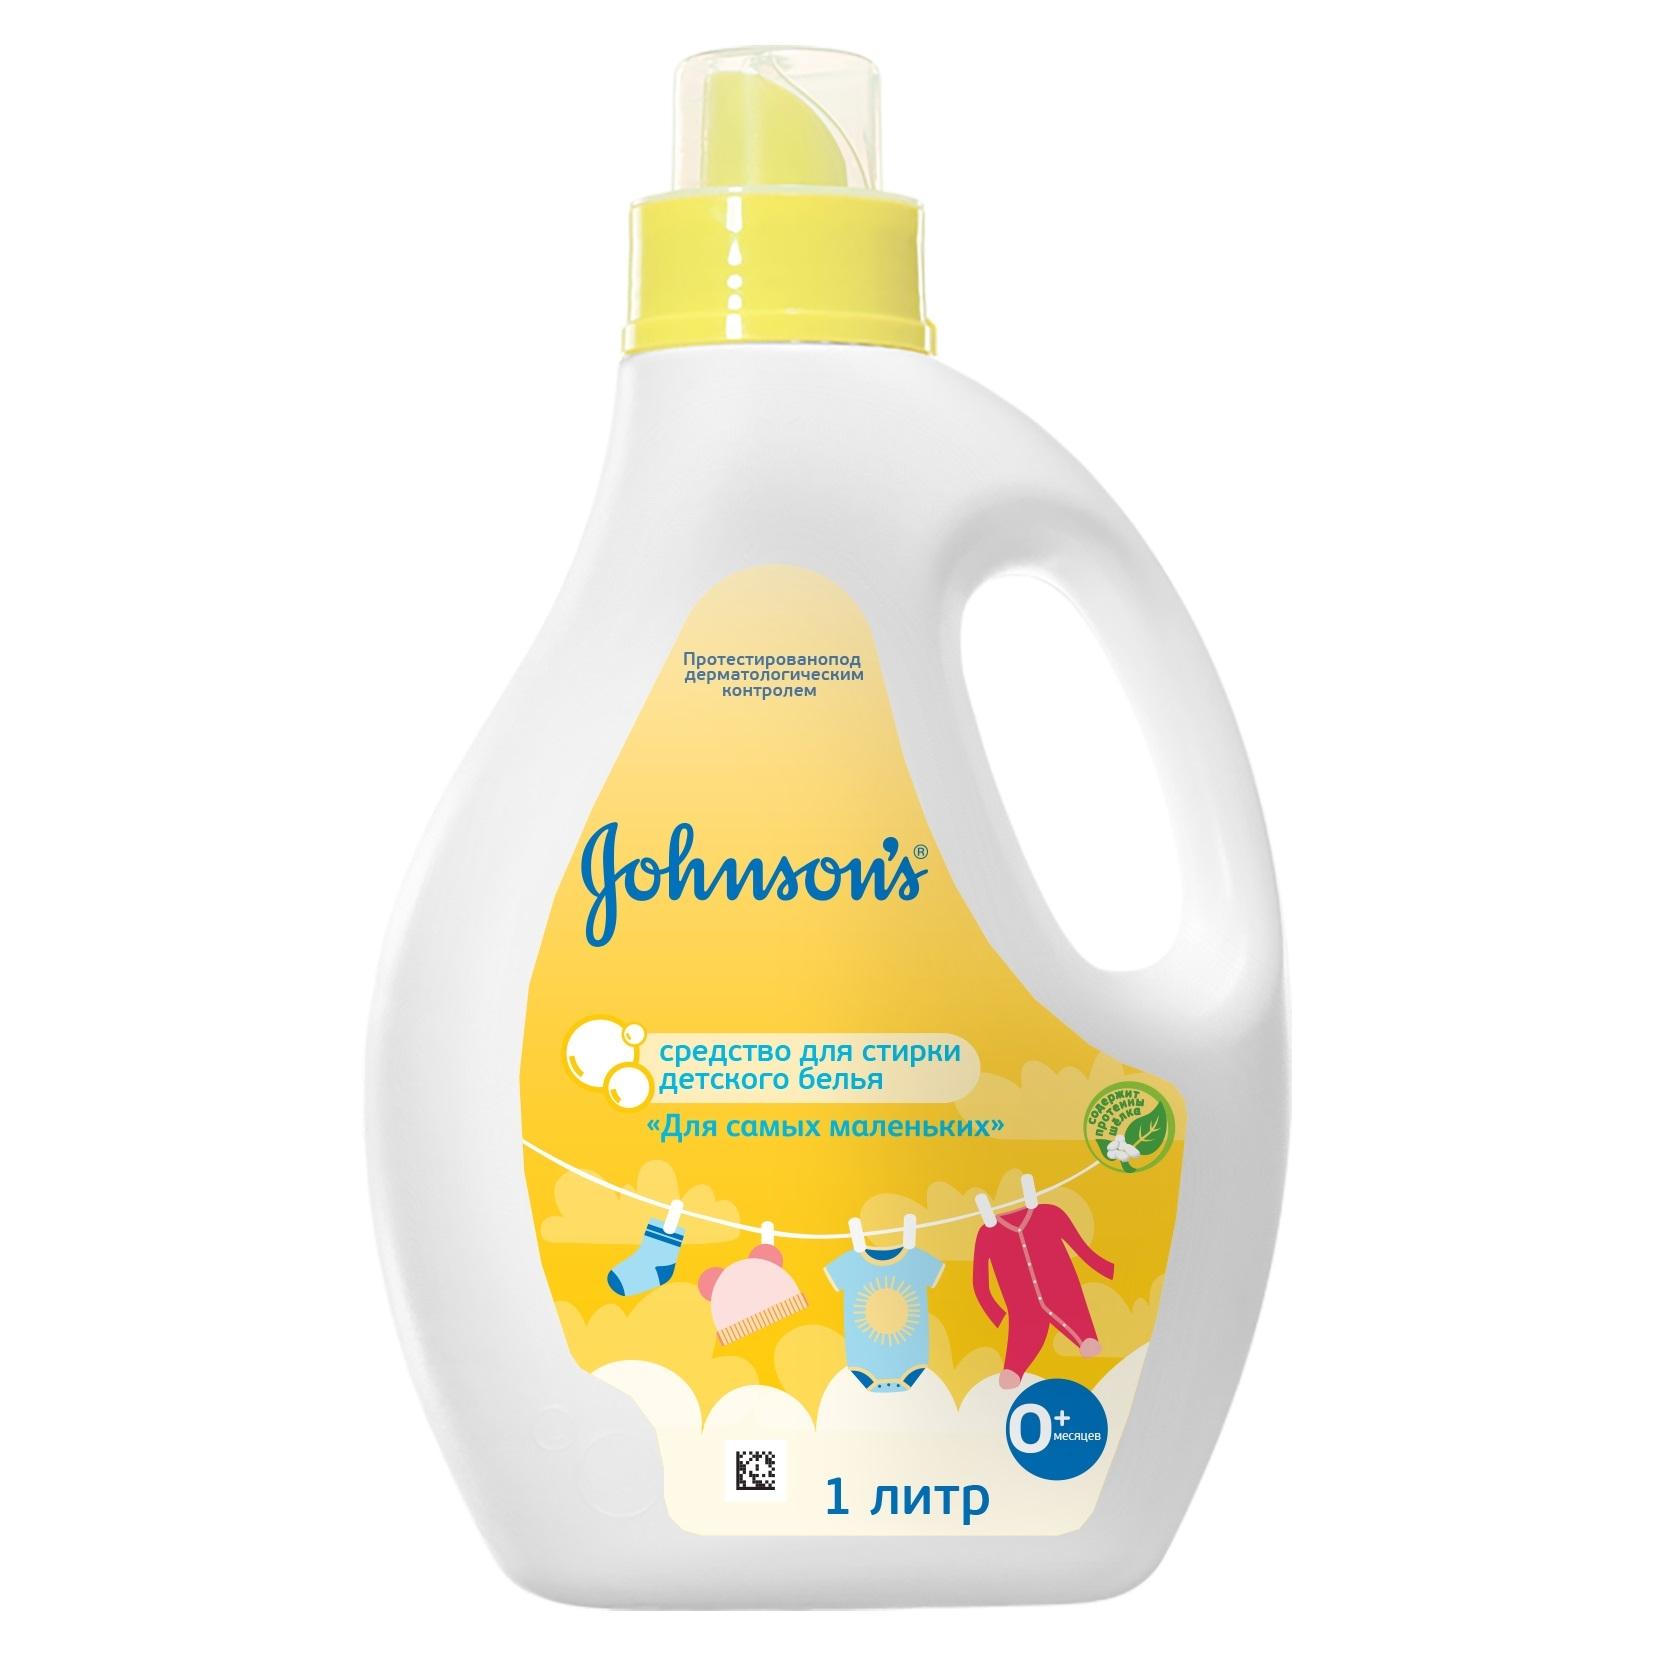 Средства для стирки Johnson's baby Средство для стирки детского белья Johnsons baby «Для самых маленьких» 1 л